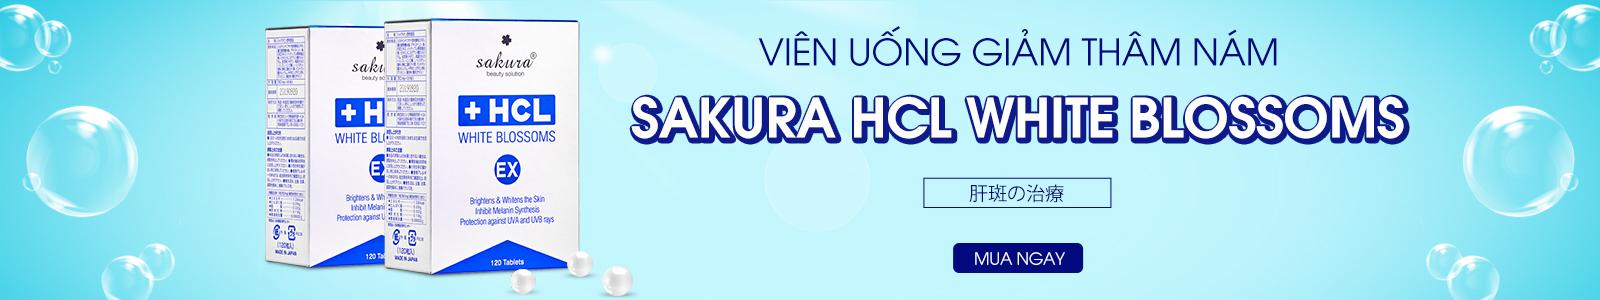 Viên uống hỗ trợ giảm nám Sakura HCL White Blossoms